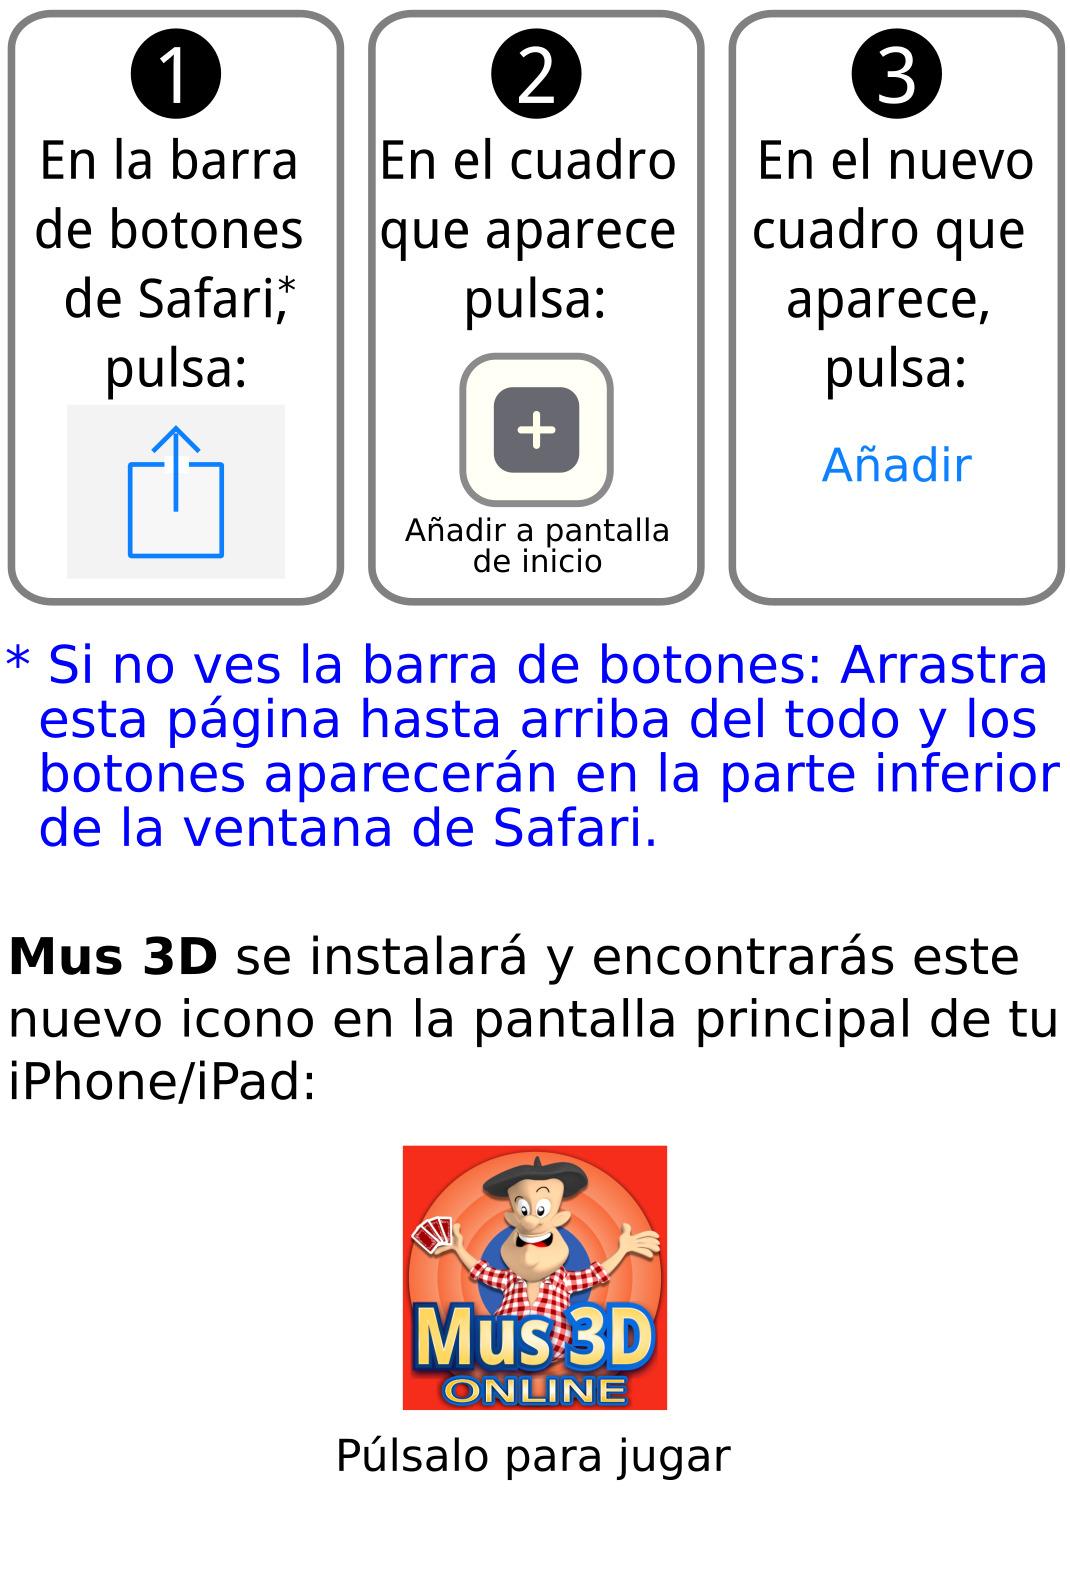 Mus3D: Crear link del juego en IOS